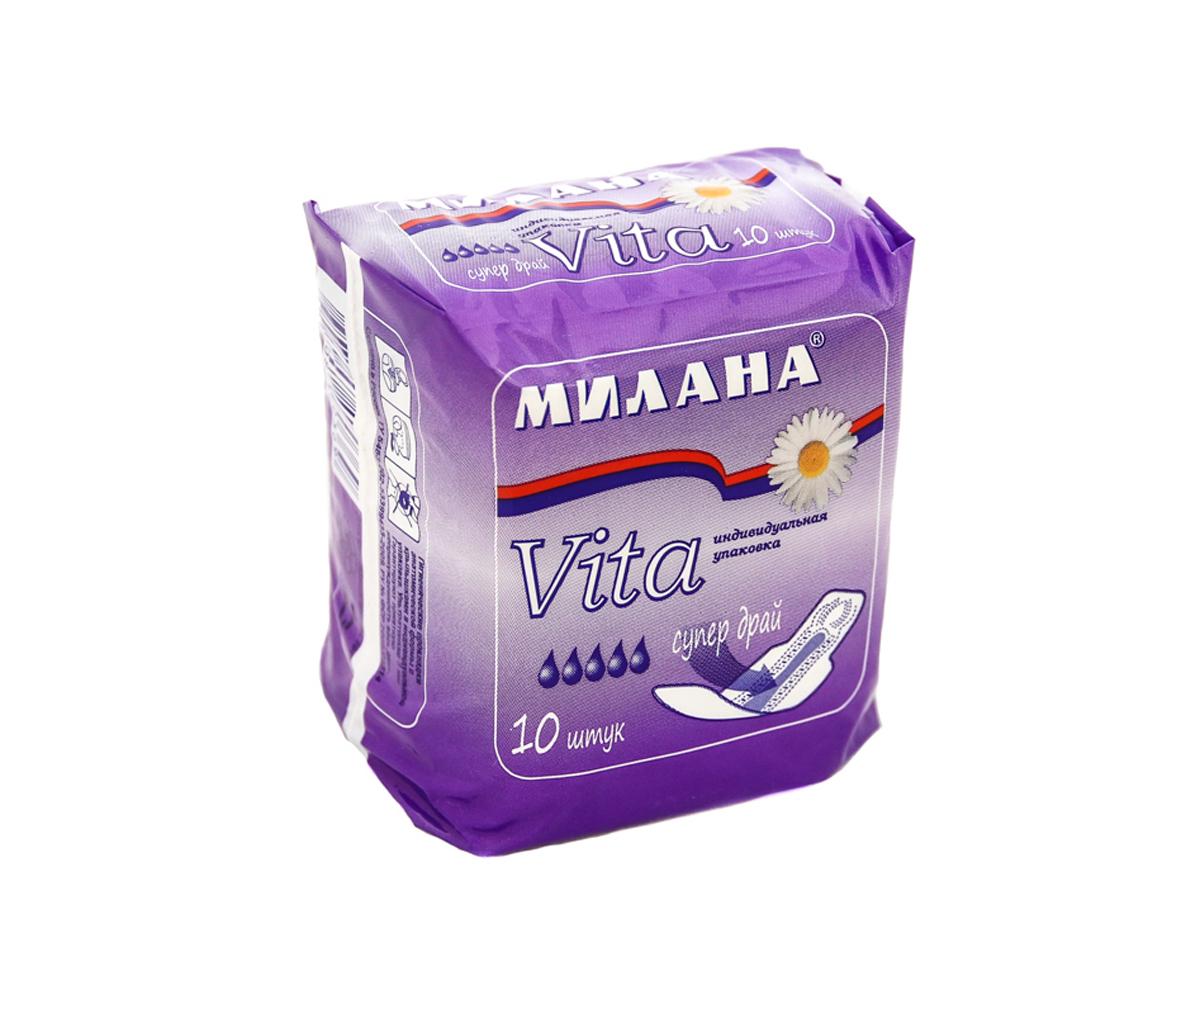 Милана Ультратонкие прокладки женские VITA Супер Драй, 10 шт606Ультратонкие прокладки для критических дней, оптимальной длины (230 мм). Прокладки снабжены боковыми крылышками для надежной фиксации и защиты белья.Впитывающий слой - «Айрлайд+» - прессованная целлюлоза с увеличенным содержанием гранул суперабсорбента превращающего жидкость в гель. Впитывающий слой надежно закреплен термическими швами.Верхний слой - сеточка Драй - поверхность прокладки остается практически сухой.В центре прокладки - дополнительный впитывающий слой для максимальной защиты.В упаковке 10 прокладок в индивидуальной упаковке.